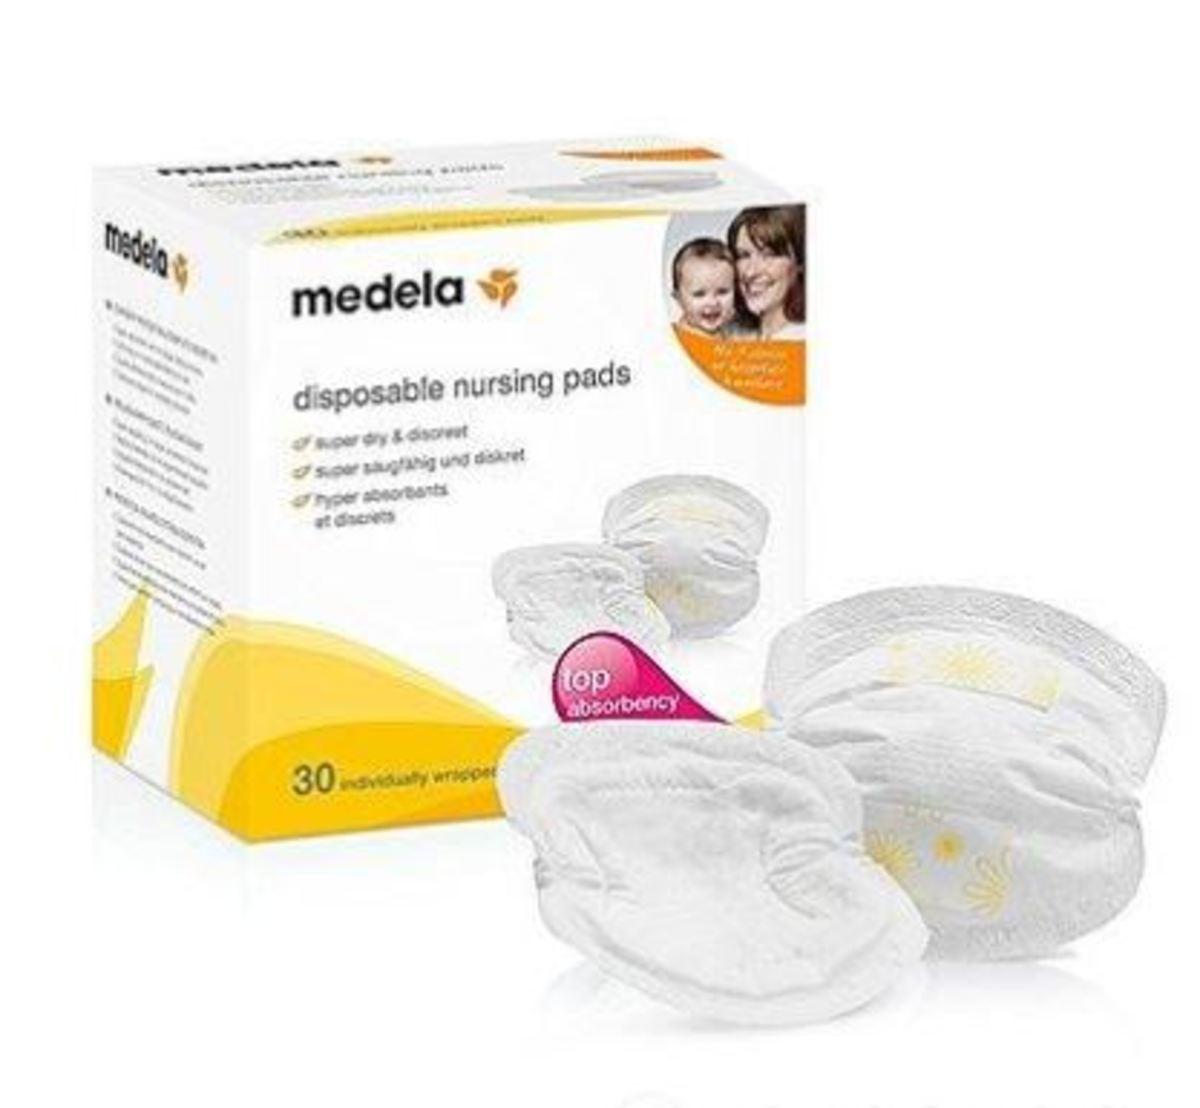 medela - 即棄舒適乳墊 30塊